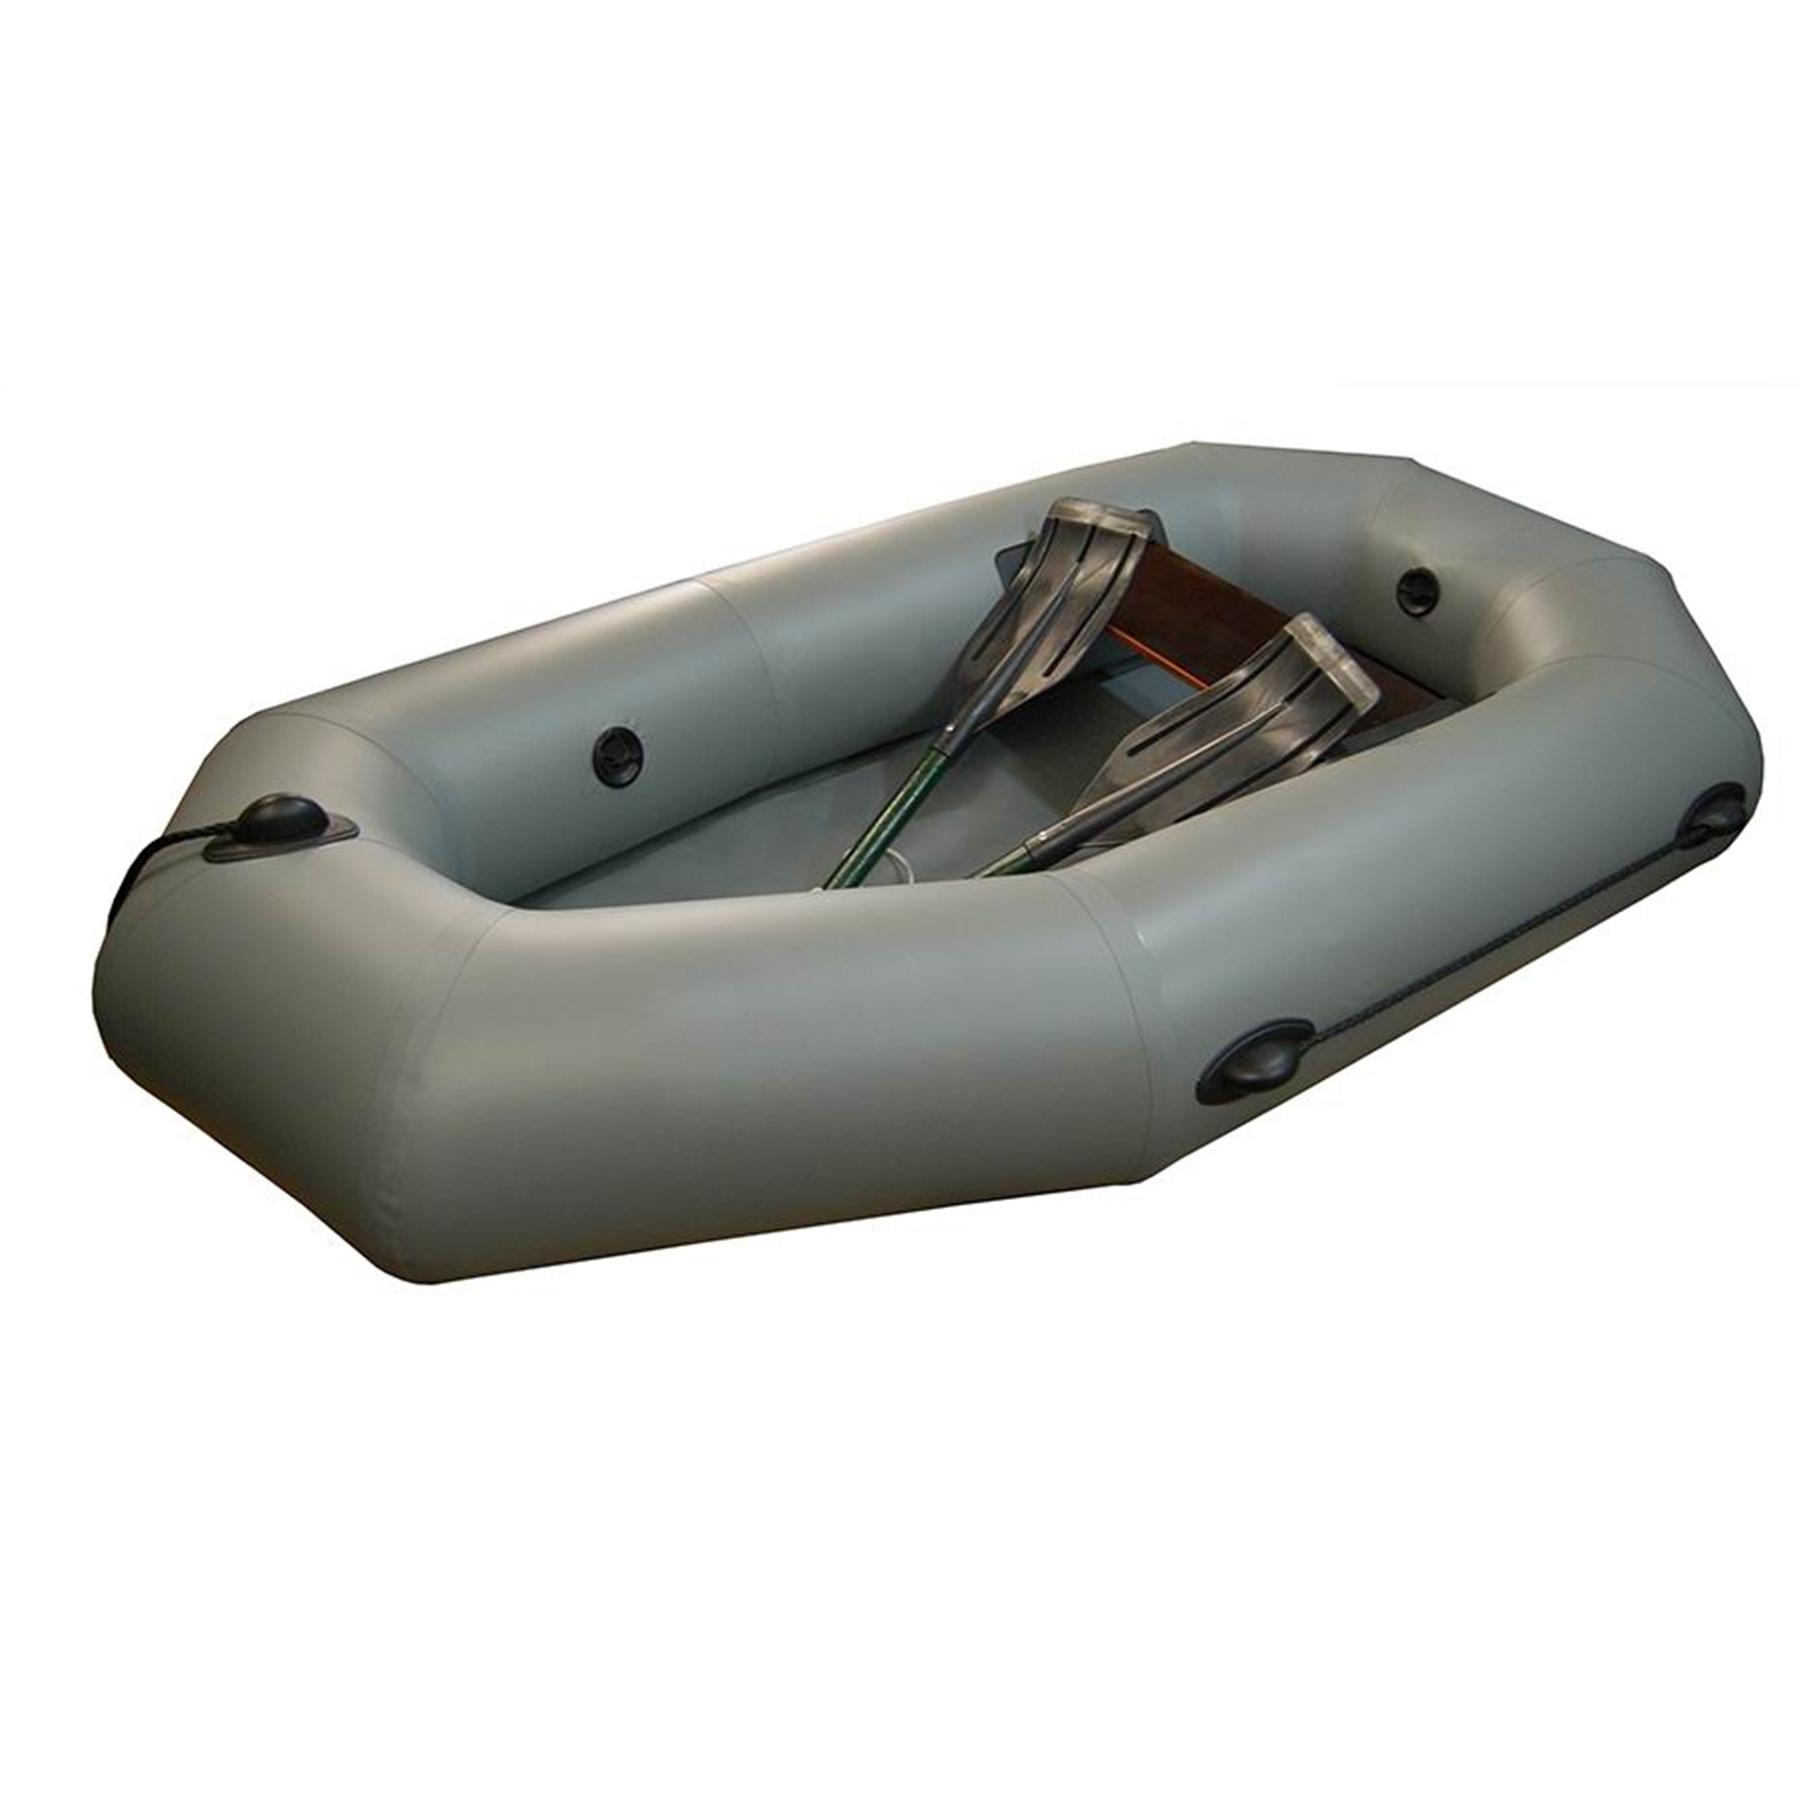 Лодка Олимп/Легион - 175 /  180 с гребками (175*100см, гр.под.150 кг,2отс.,7 кг,ж.сид.)